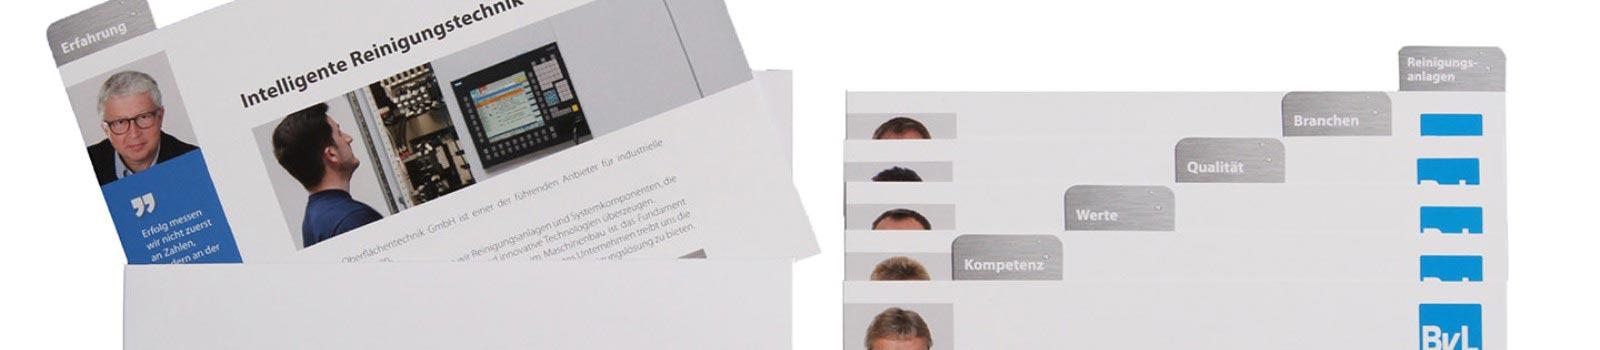 Imagebox, 12 Karten mit den Werten und Leistungen der BvL Oberflächentechnik